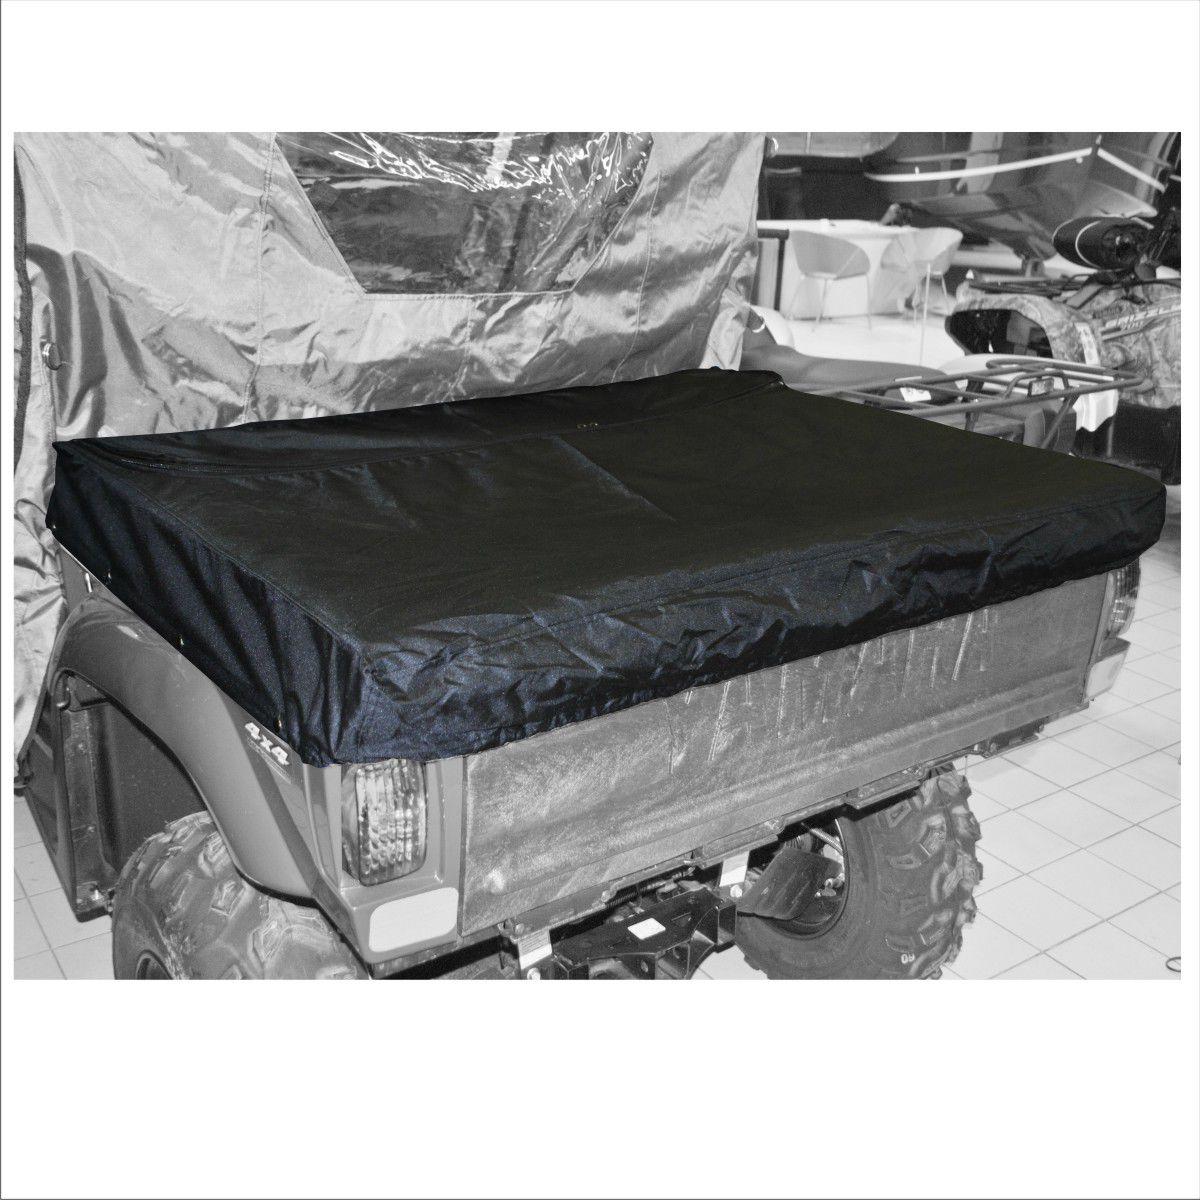 Тент AG-brand, на кузов UTV Yamaha Rhino 700, цвет: черный. AG-YAM-UTV-Rh700-CBPANTERA SPX-2RSПрочный тент AG-brand на кузов мотовездехода UTV Yamaha Rhino 700 призван защищать кладь в кузове от снега, града, дождя, дорожной пыли, веток и листвы во время заездов на мотовездеходе. Система креплений выполнена на кнопках, она позволяет надежно установить чехол на кузов мотовездехода. Дополнительная молния позволяет получить частичный доступ в кузов, не снимая всего чехла.